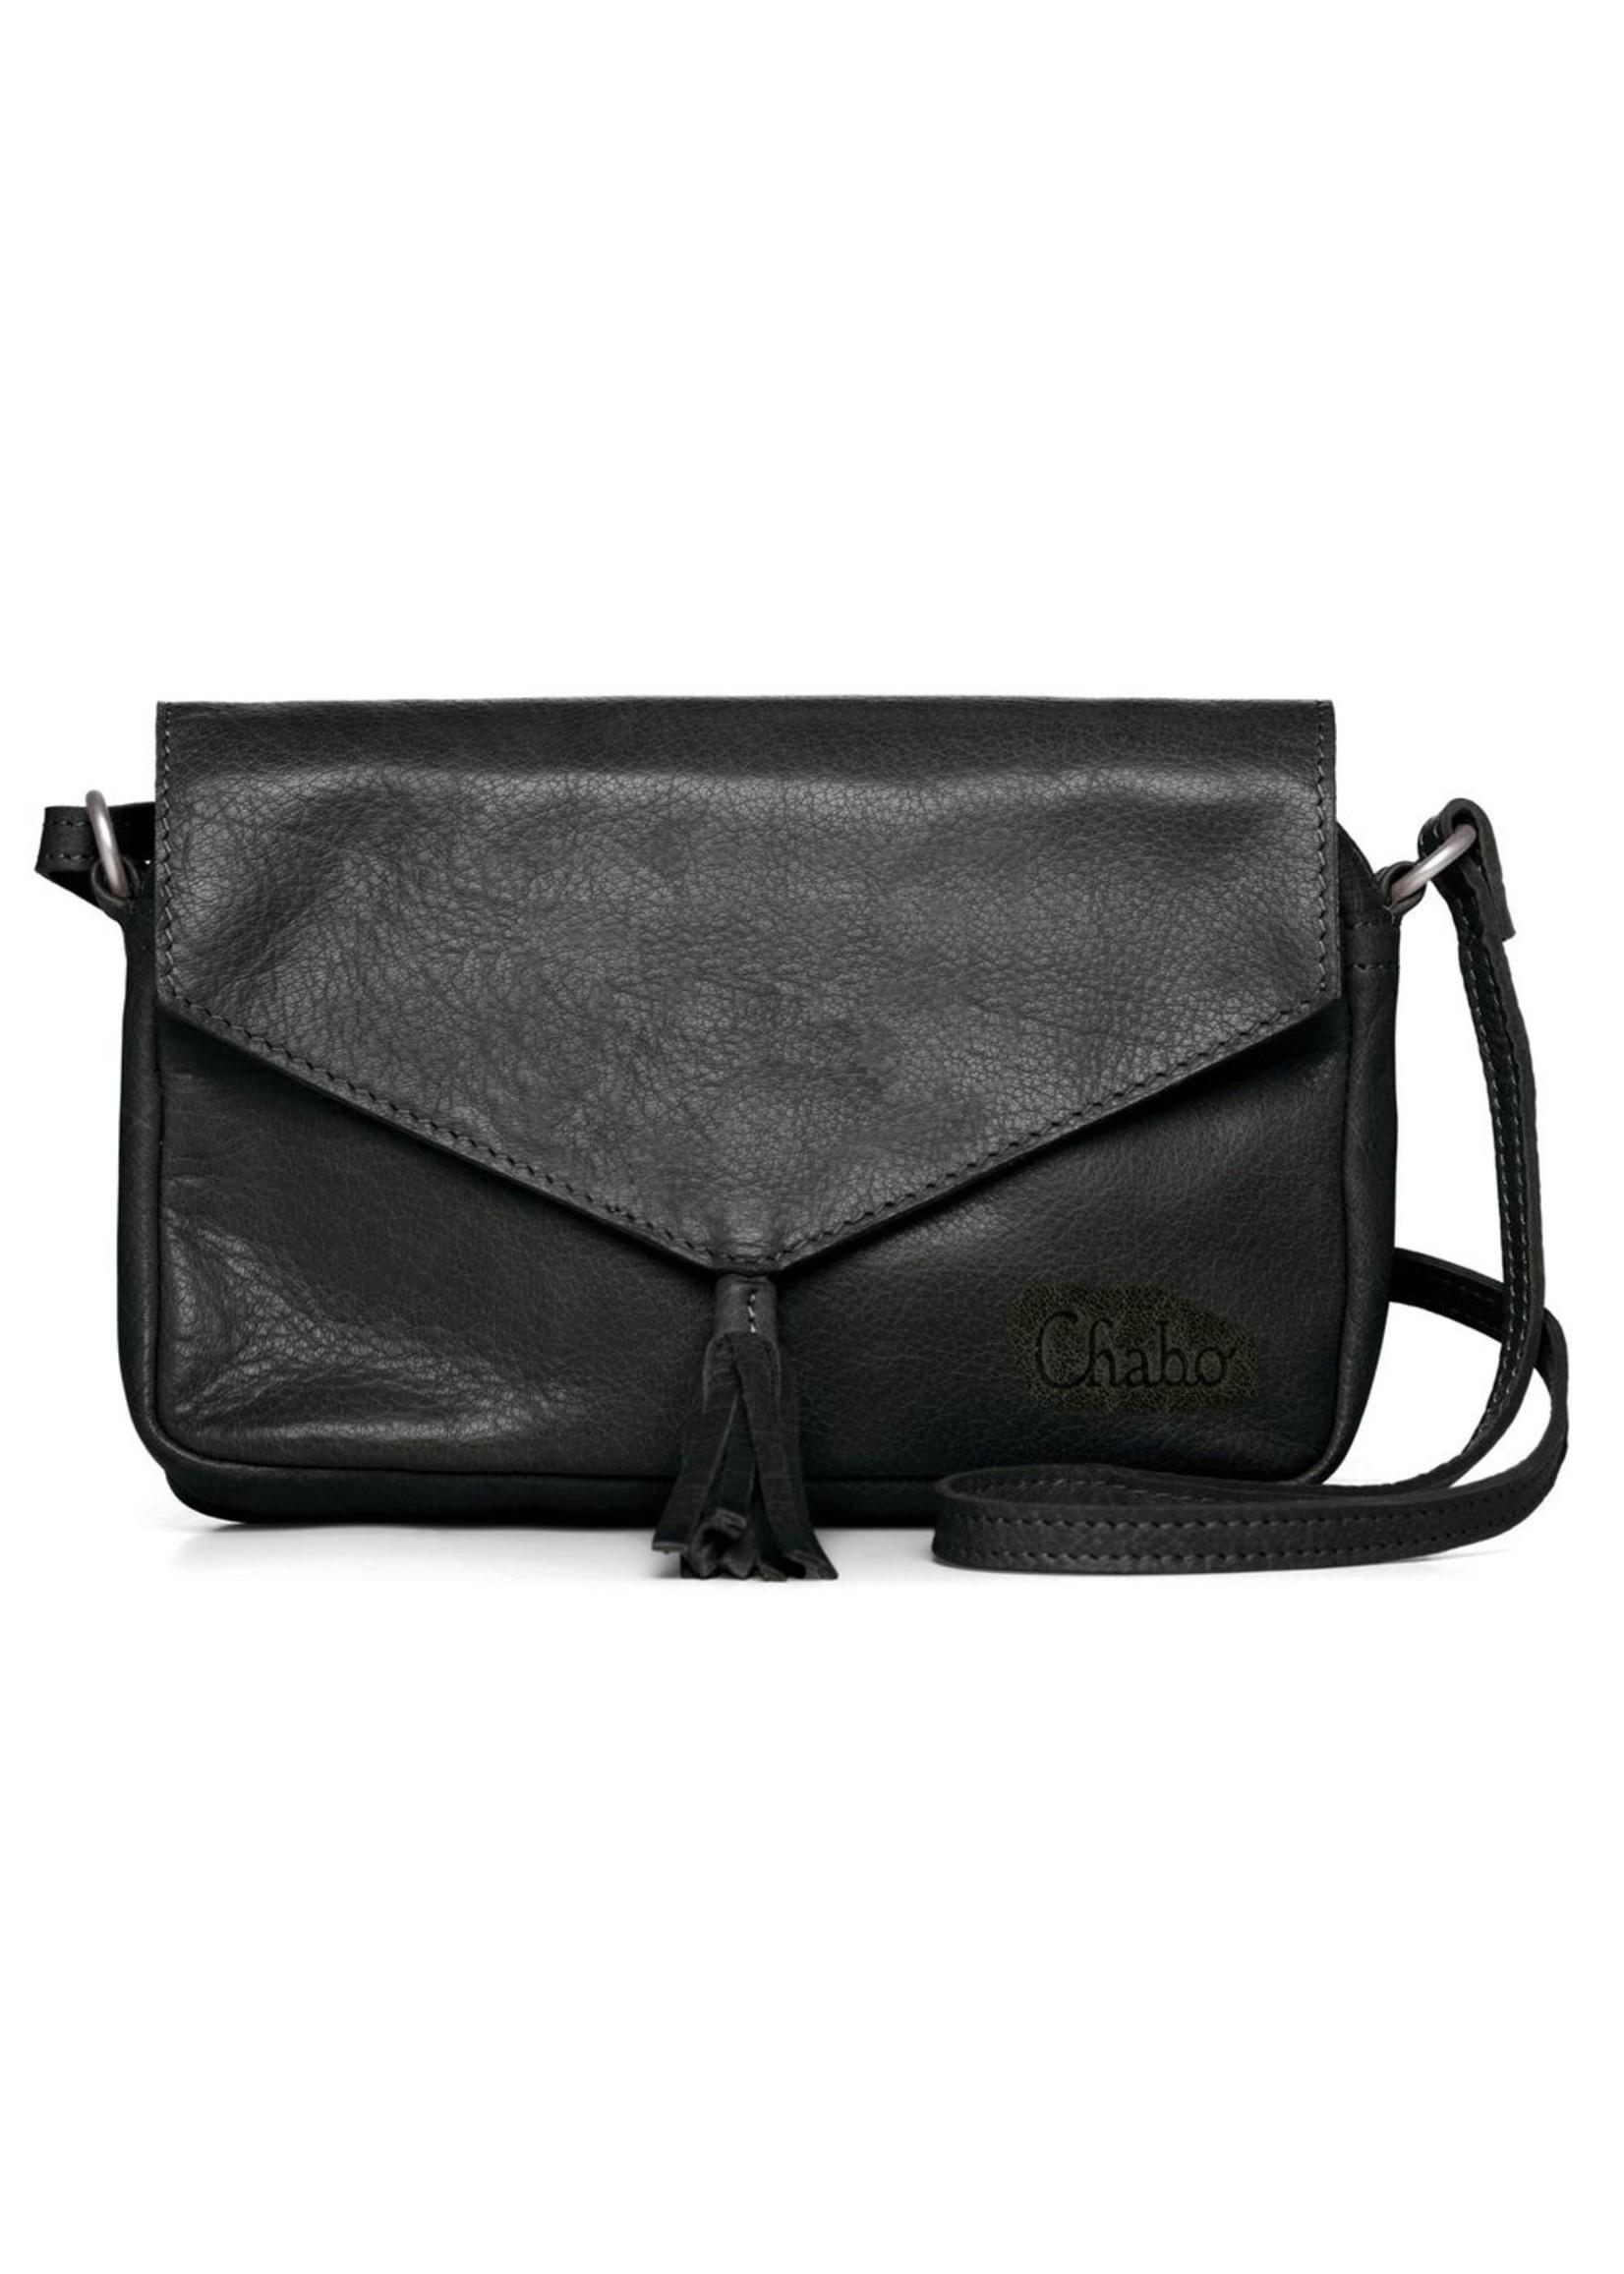 Chabo Bags Ziggy Black